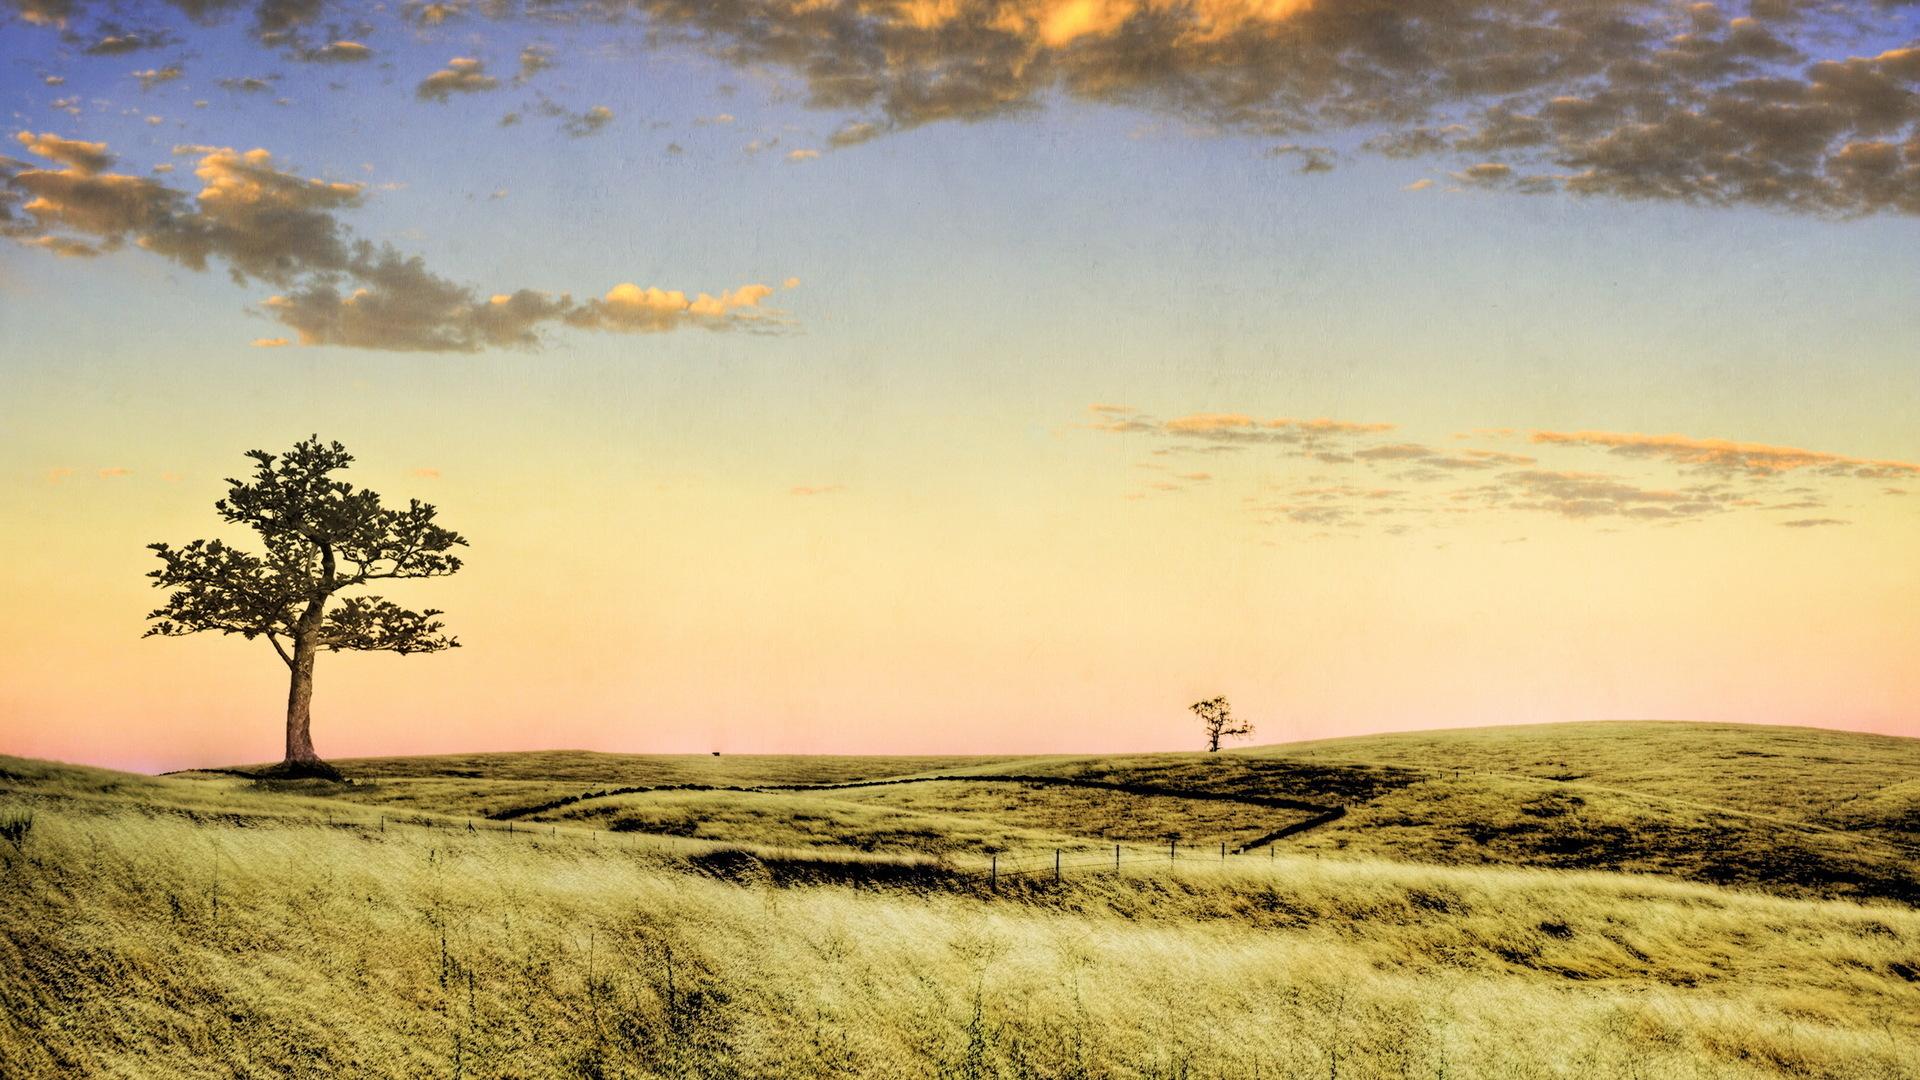 27028 скачать обои Пейзаж, Деревья, Поля, Небо, Облака - заставки и картинки бесплатно